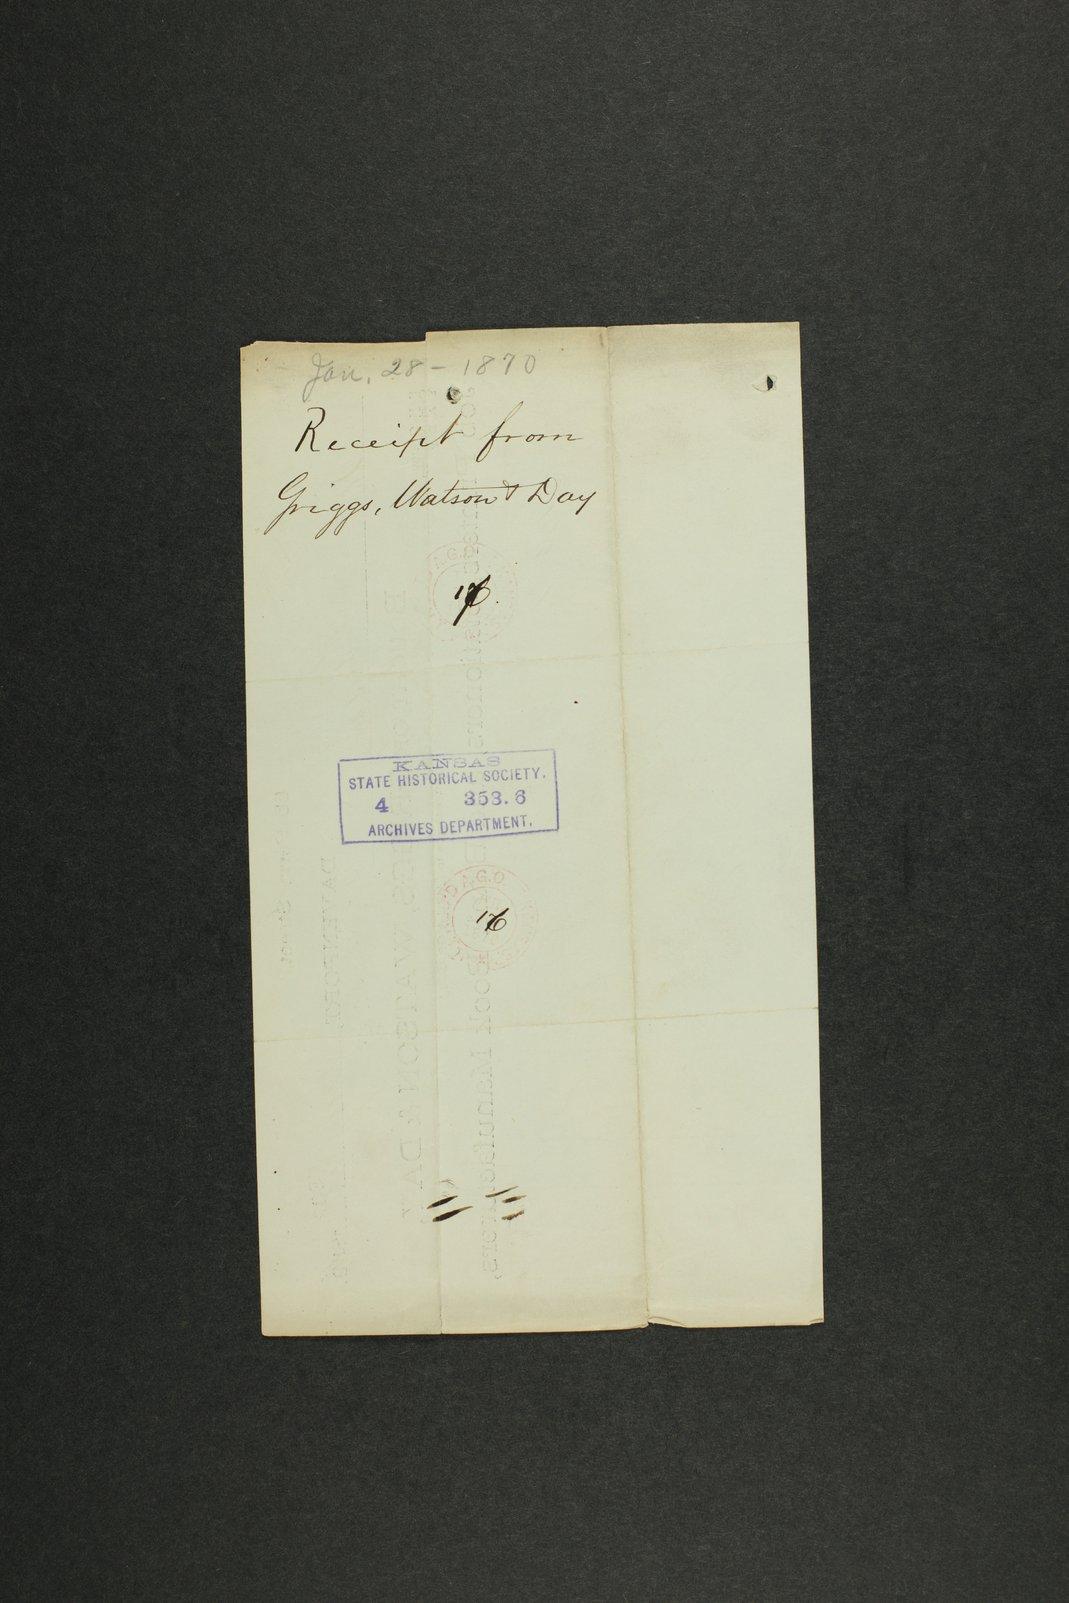 Kansas Adjutant General general correspondence, 1870 - 2